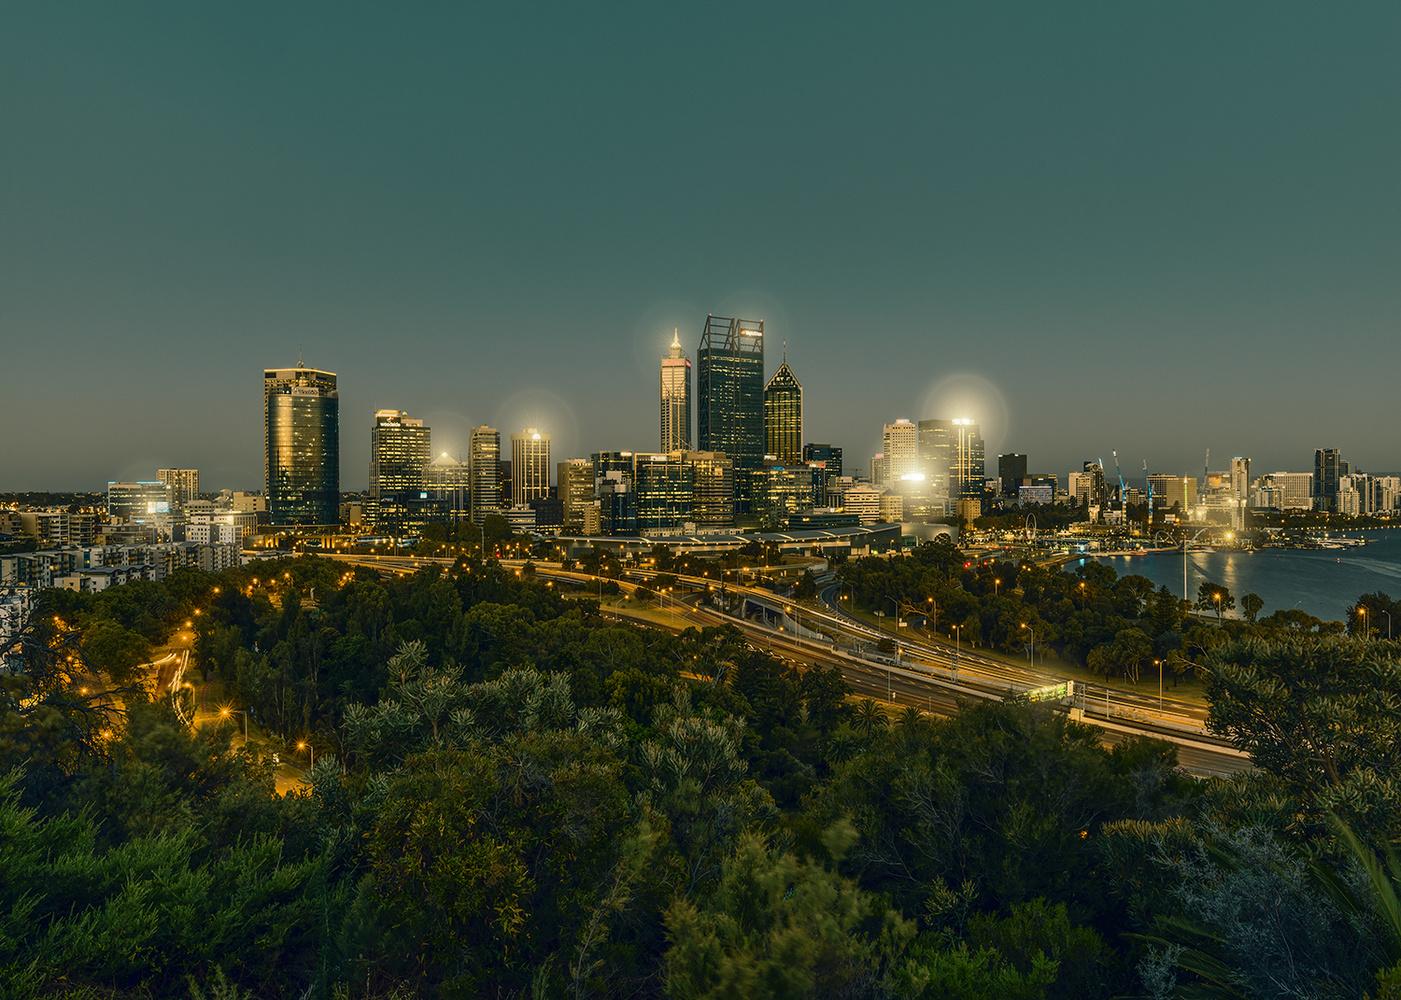 Perth @ night by Ulrich Roth